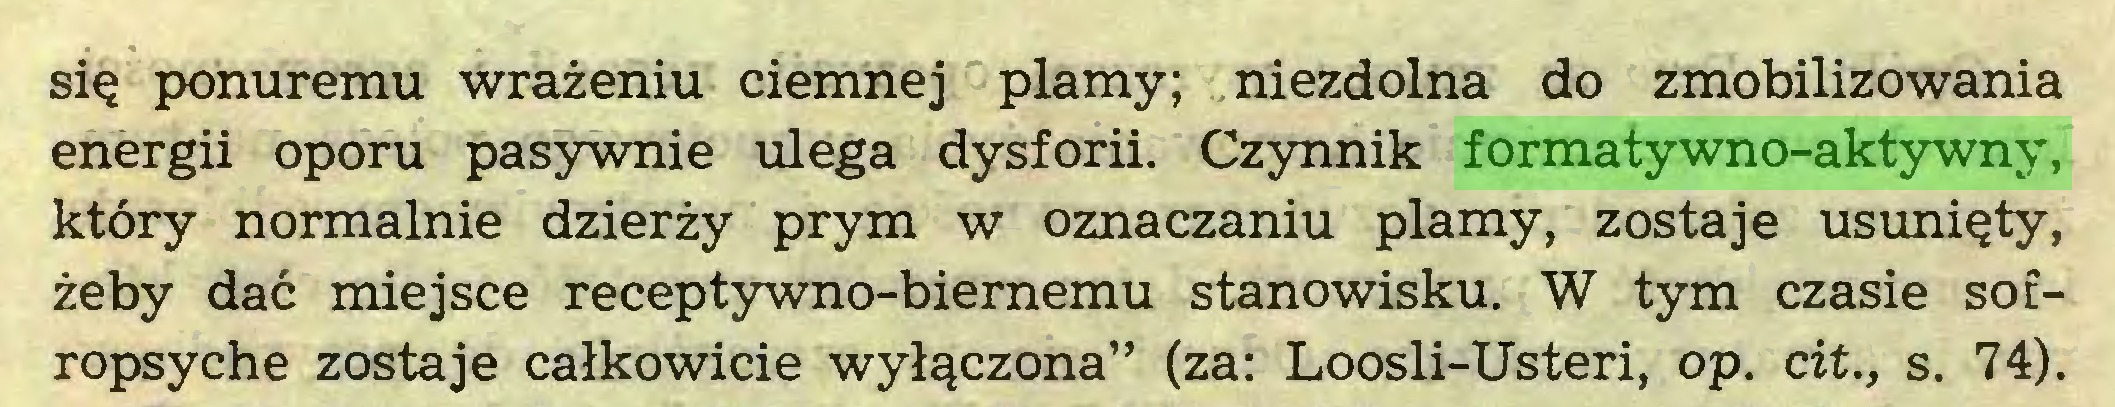 """(...) się ponuremu wrażeniu ciemnej plamy; niezdolna do zmobilizowania energii oporu pasywnie ulega dysforii. Czynnik formatywno-aktywny, który normalnie dzierży prym w oznaczaniu plamy, zostaje usunięty, żeby dać miejsce receptywno-biernemu stanowisku. W tym czasie sofropsyche zostaje całkowicie wyłączona"""" (za: Loosli-Usteri, op. cit., s. 74)..."""